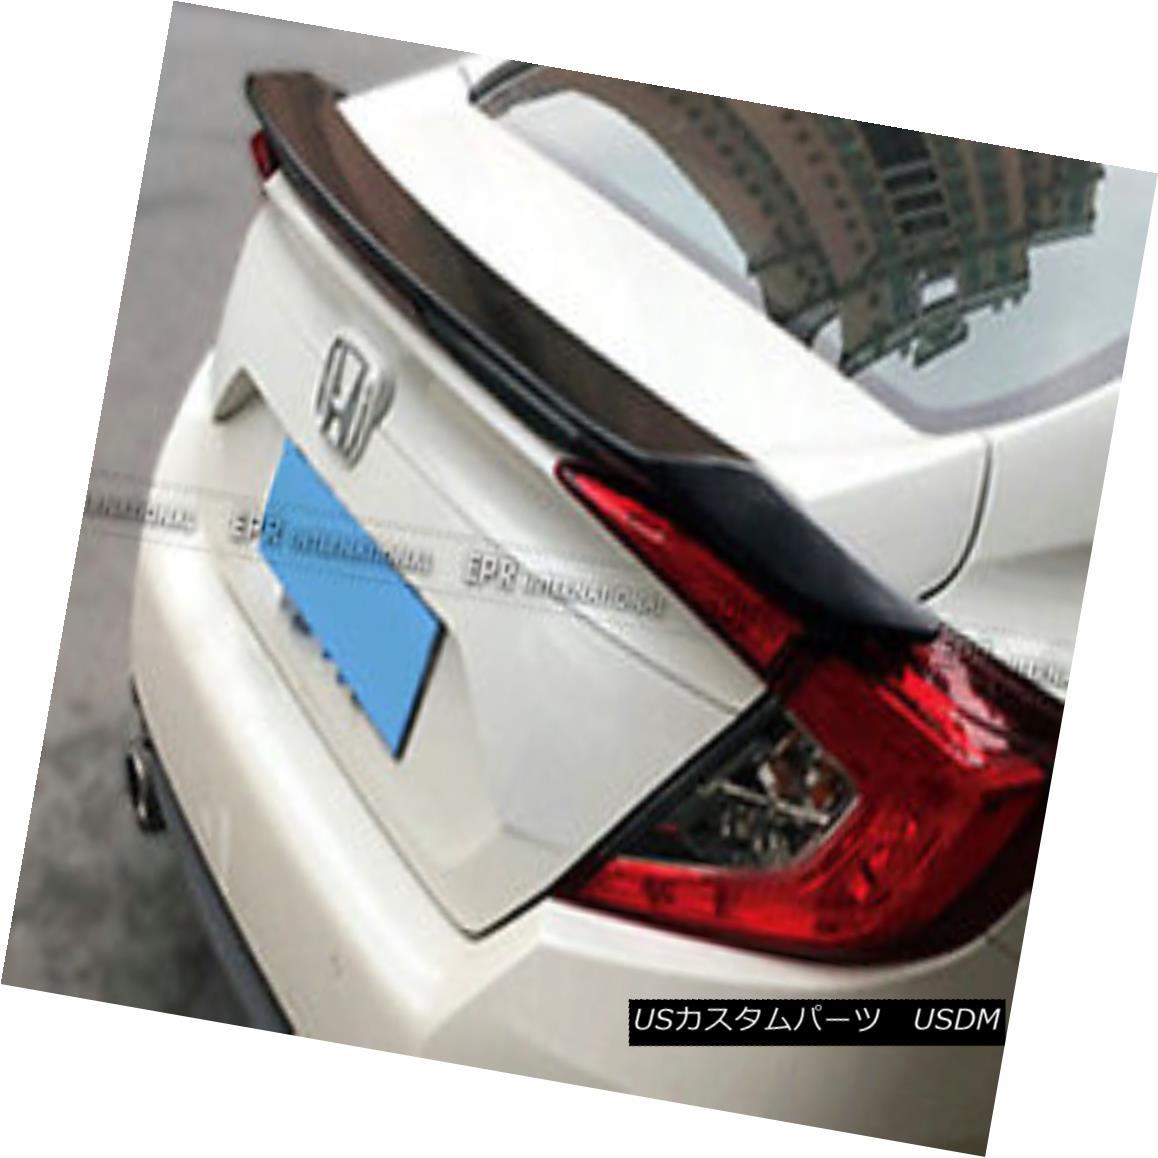 エアロパーツ Pop Carbon Fiber Rear Spoiler Wing For Honda Civic FC 10th Generation RS-Style ホンダシビックFC 10世代RSスタイルのポップカーボンファイバーリアスポイラーウイング